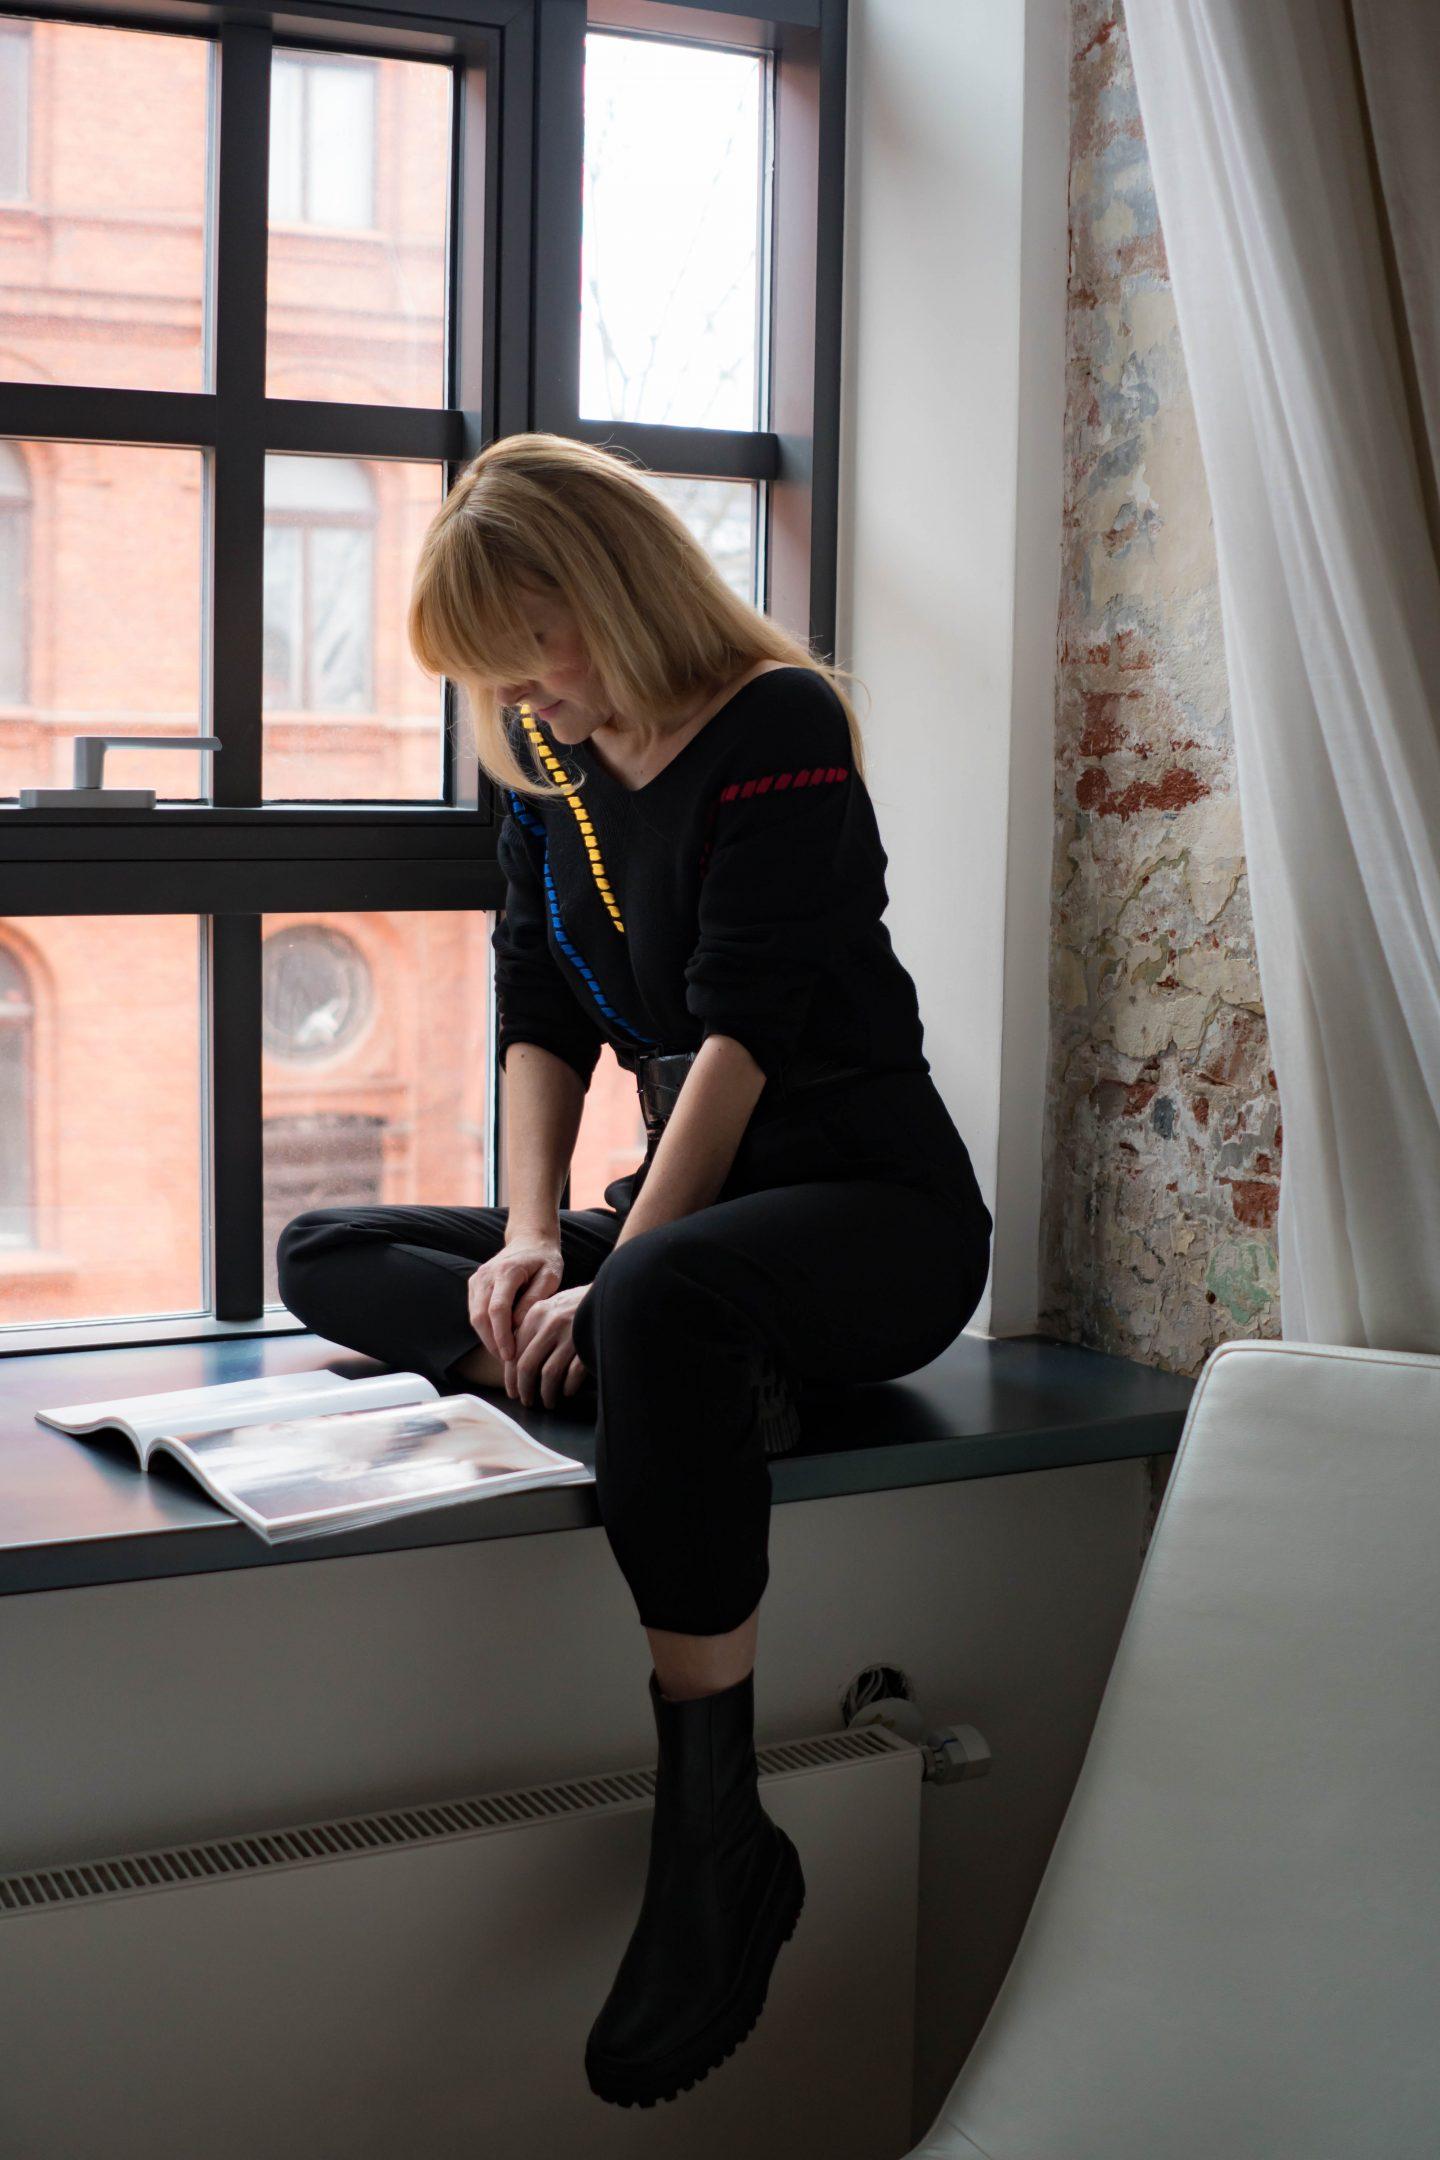 WENZ Pullover in Schwarz-Amy Vermont-Nowshine ü40 Blog im Andels Hotel Lodz